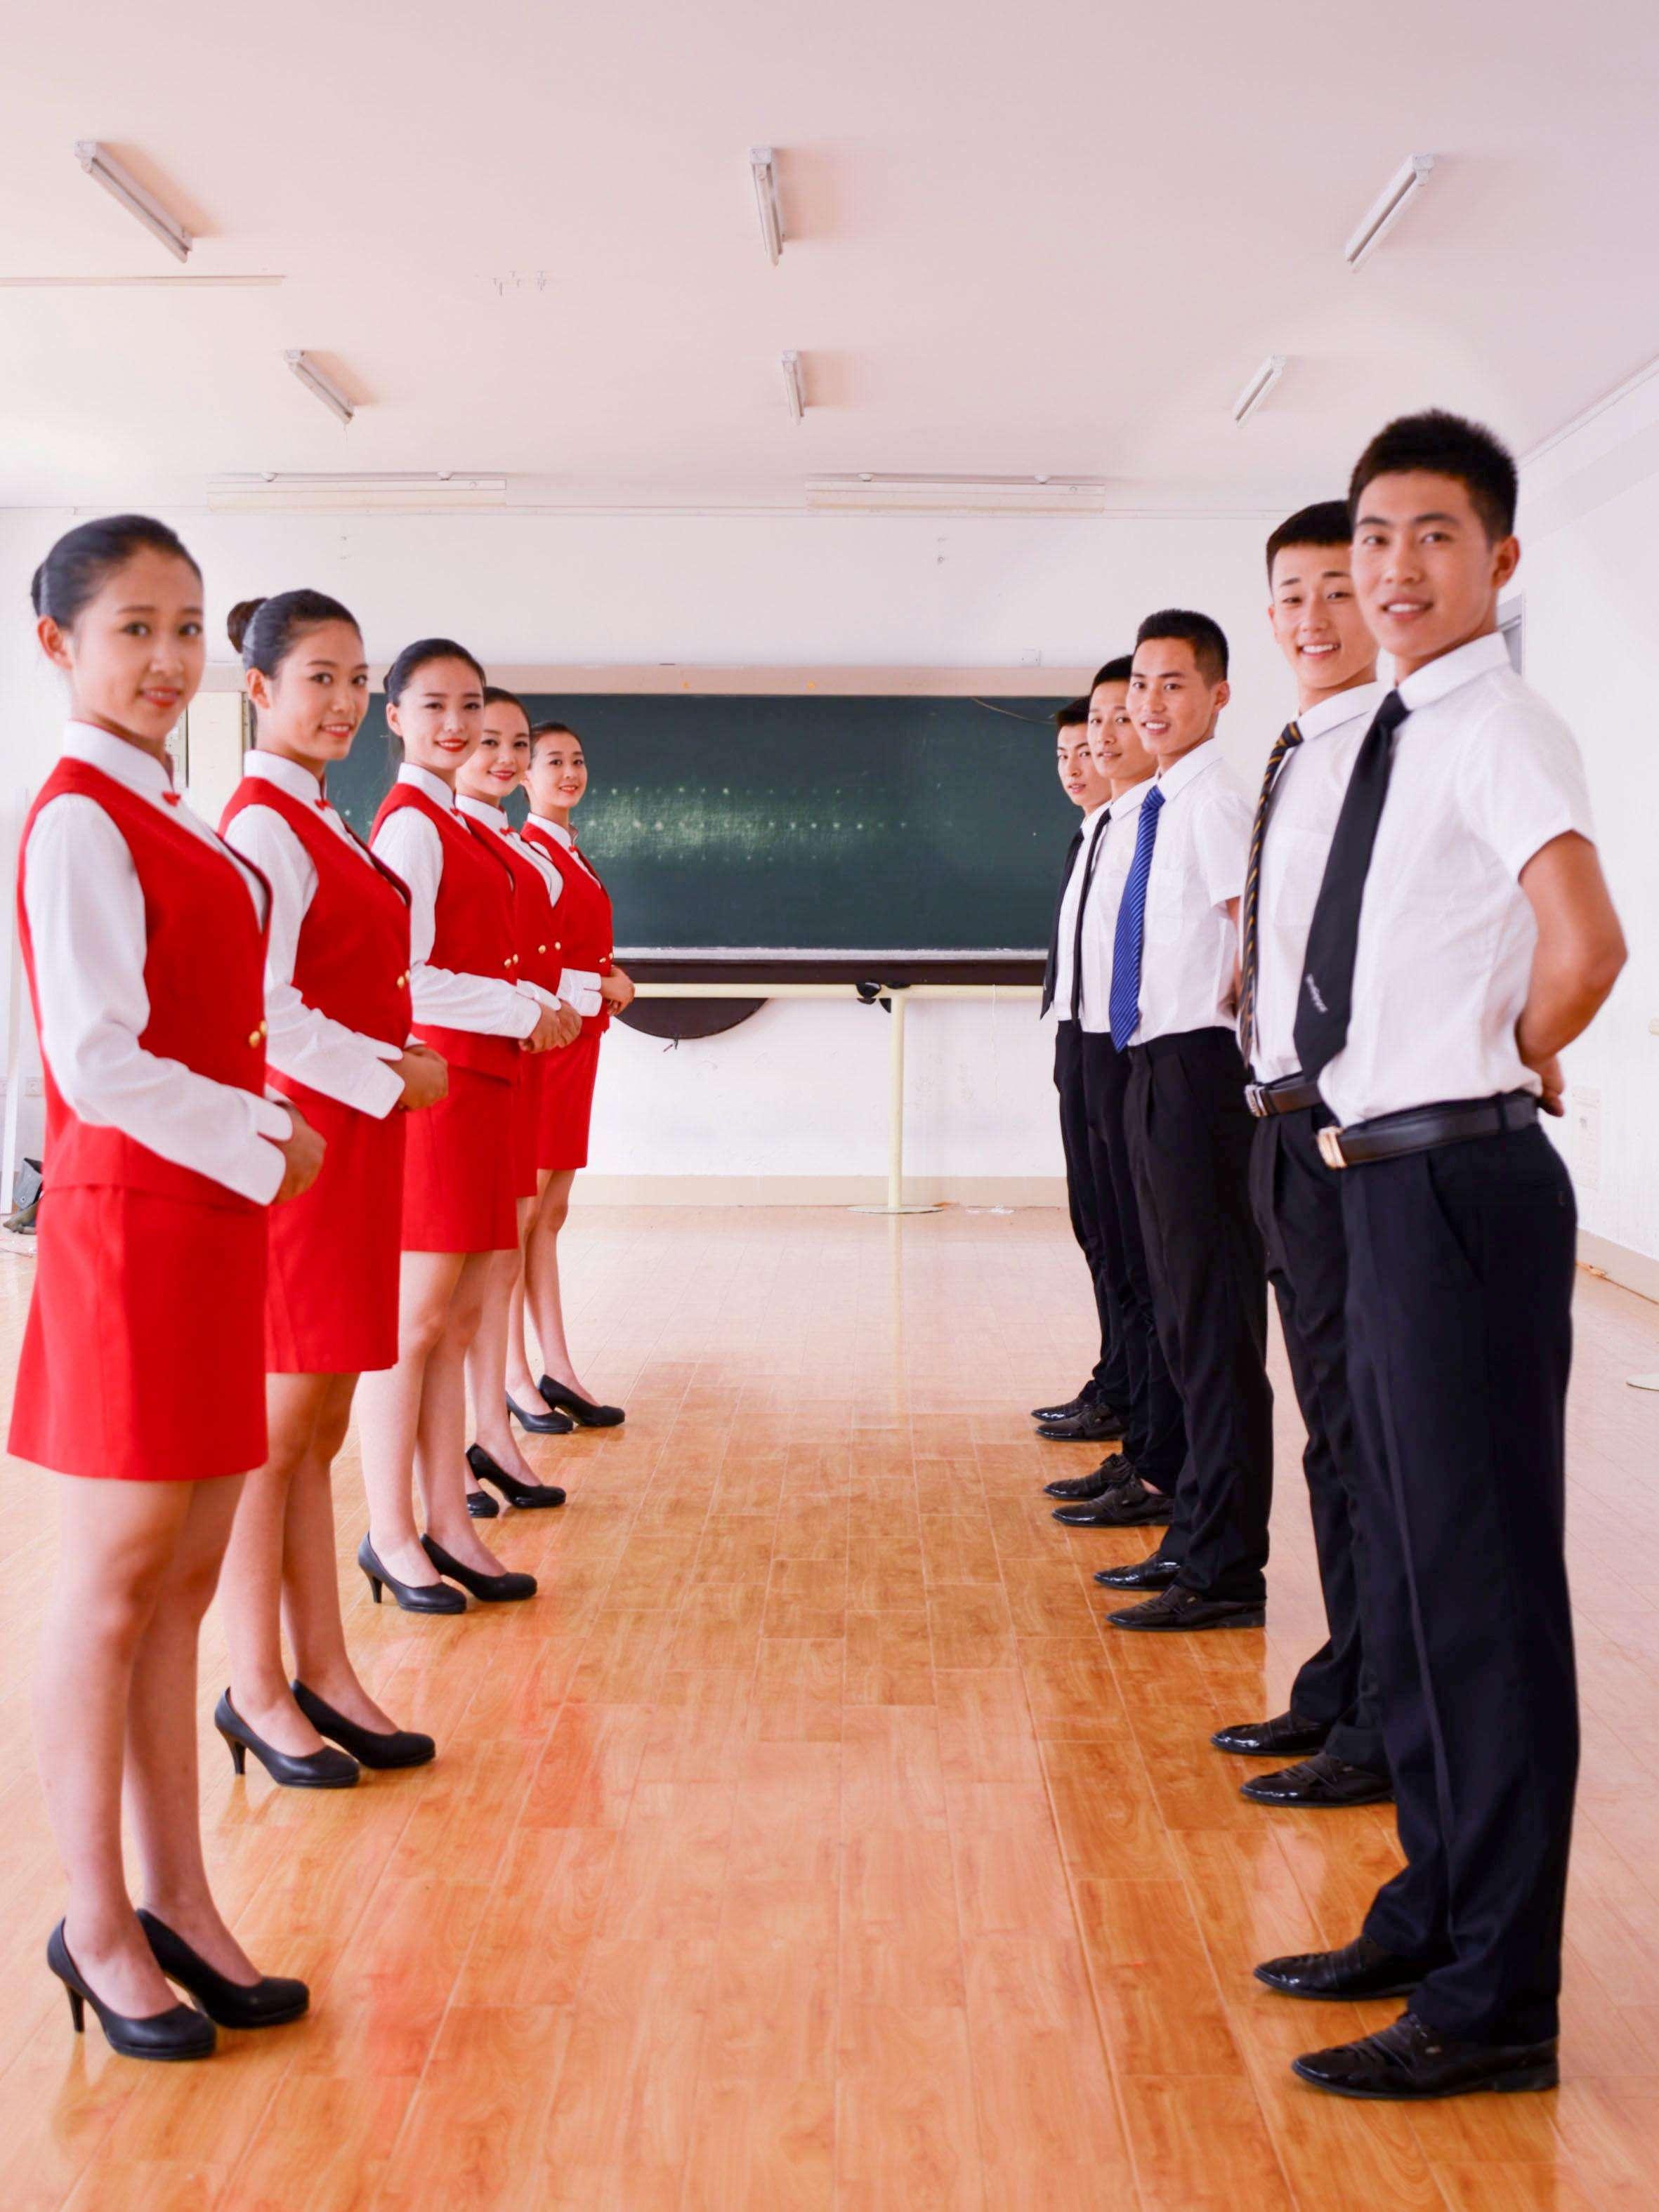 西安空乘培训哪家好首选飞迪航空空乘专业学校